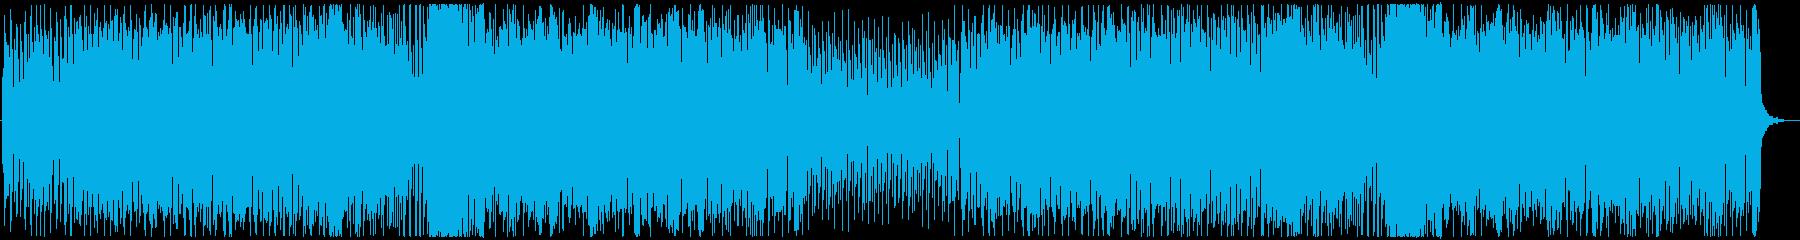 フルートが特徴的な民族音楽(イントロ無)の再生済みの波形